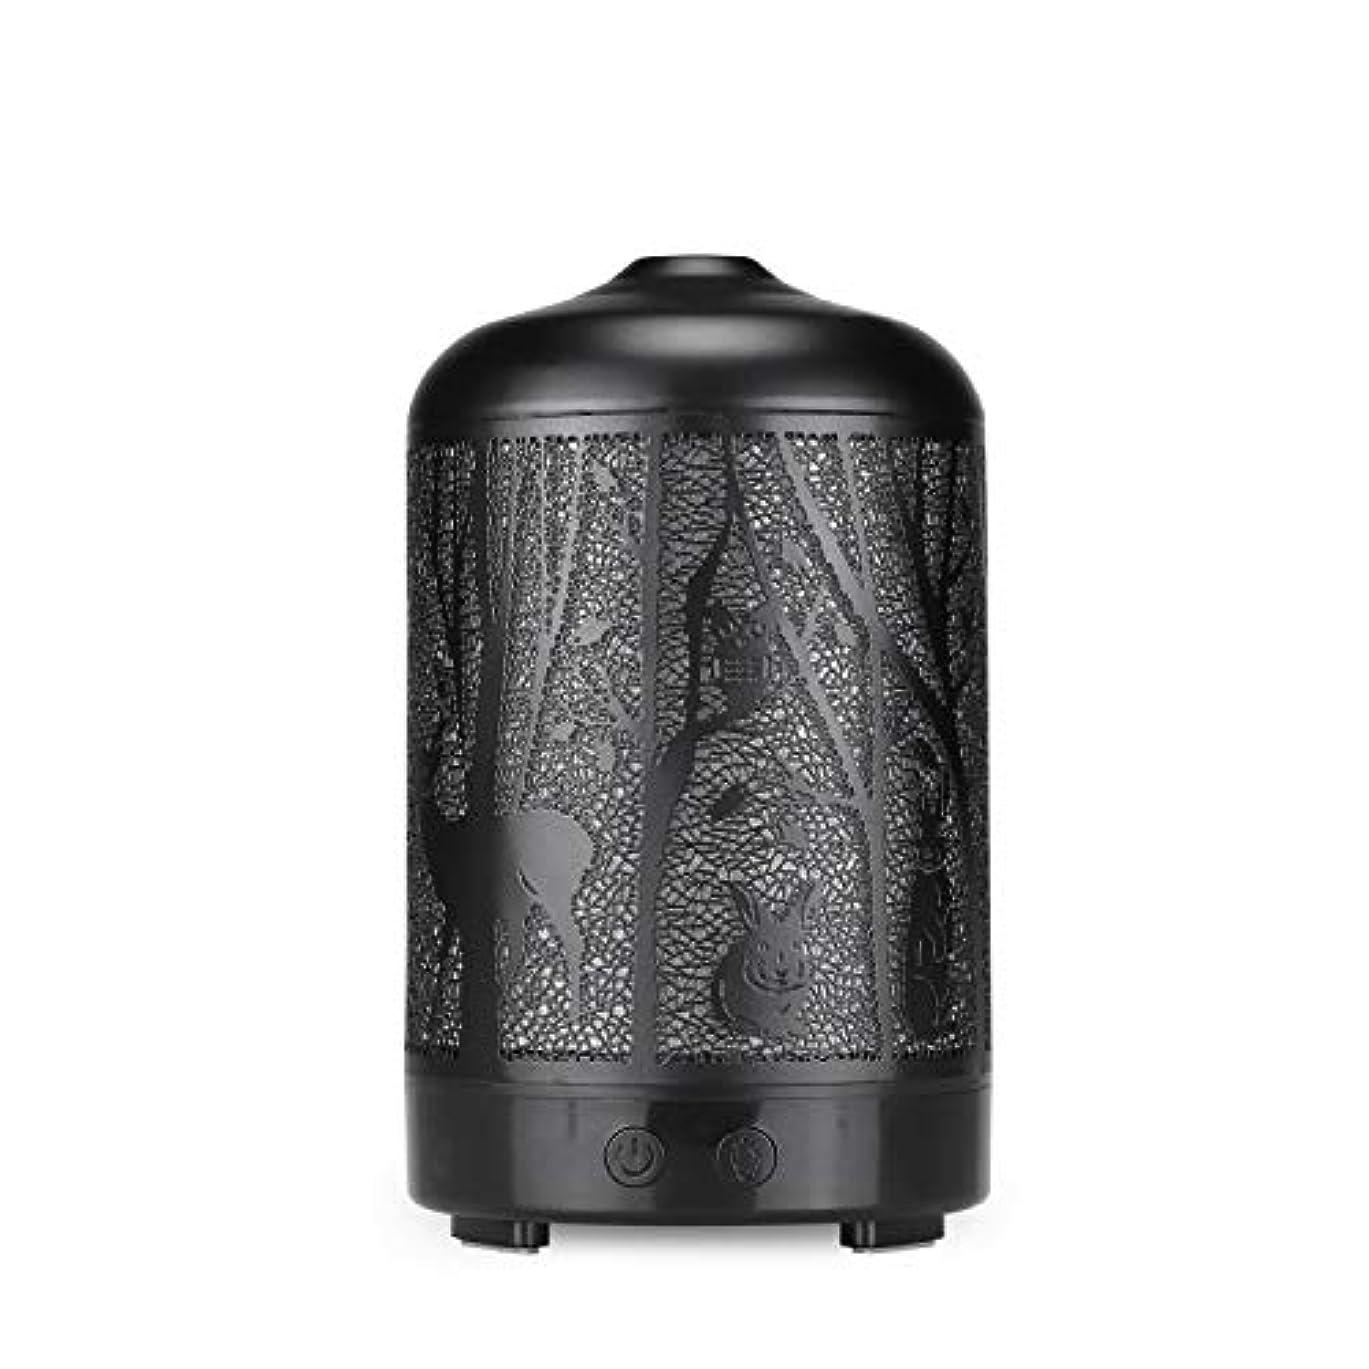 効率ガウン先駆者エッセンシャルオイルディフューザー、100 ml超音波金属ディアーアロマセラピー香り油拡散気化器加湿器